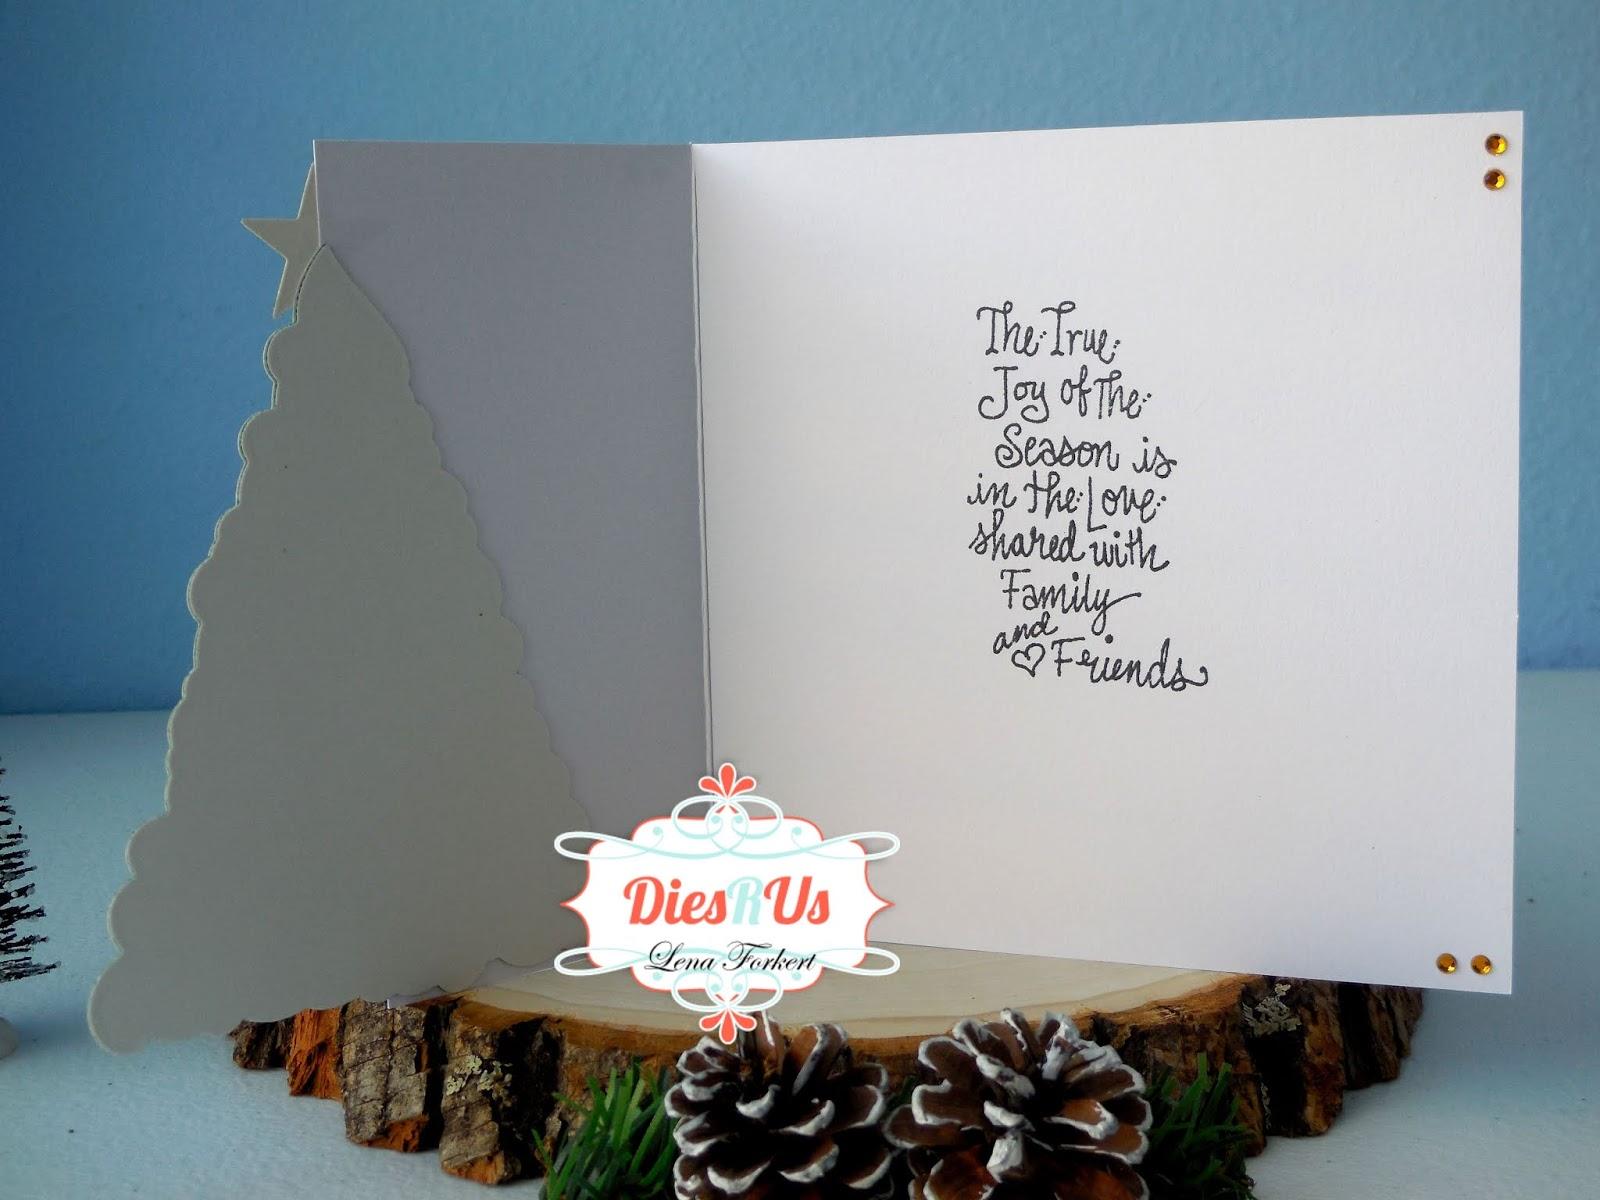 Dies R Us O Christmas Tree O Christmas Tree